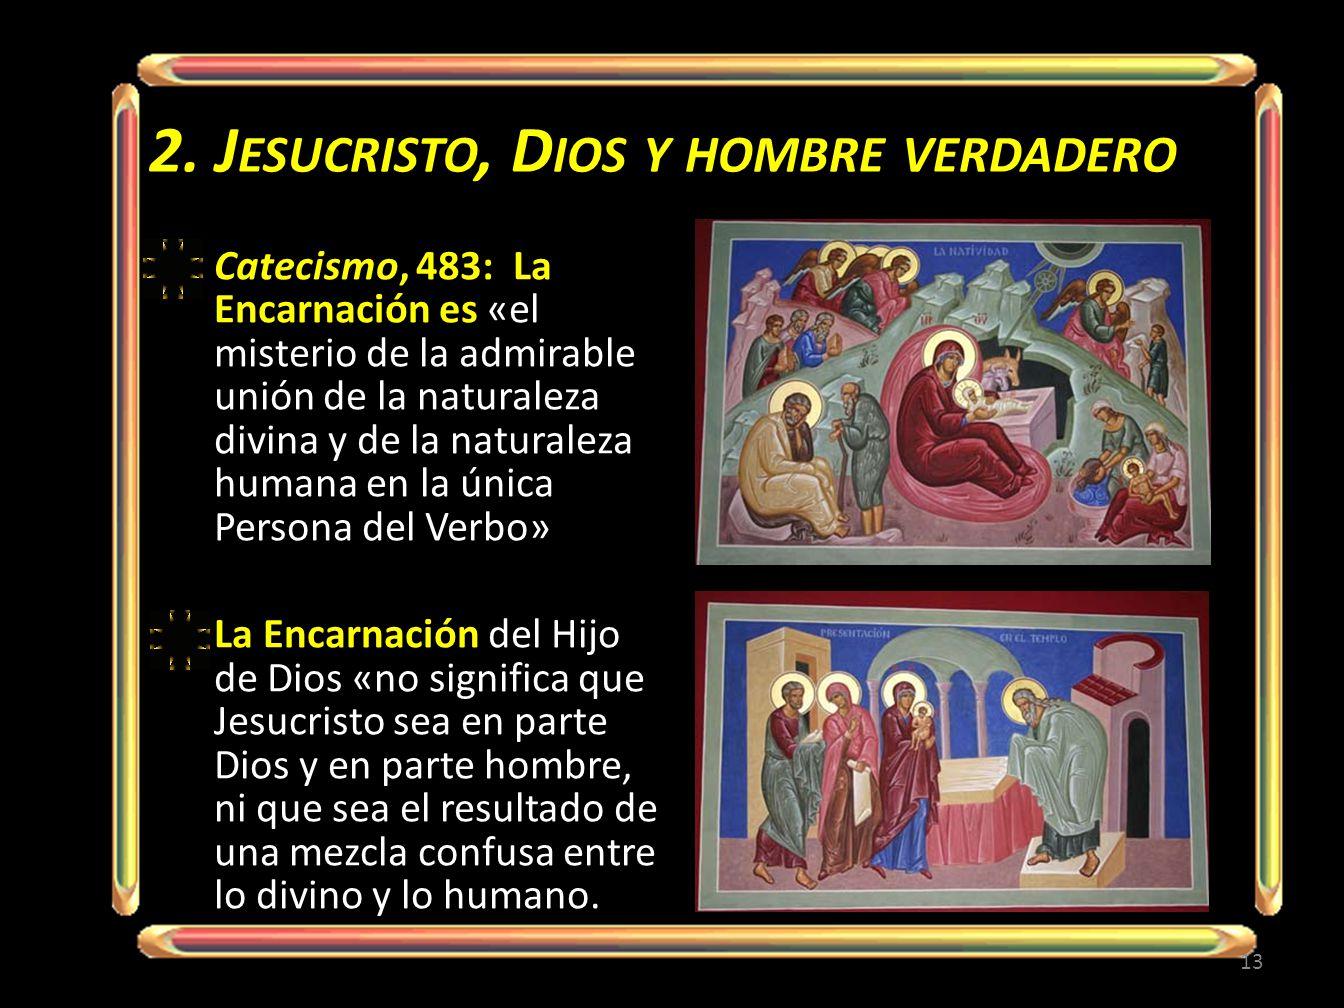 2. Jesucristo, Dios y hombre verdadero